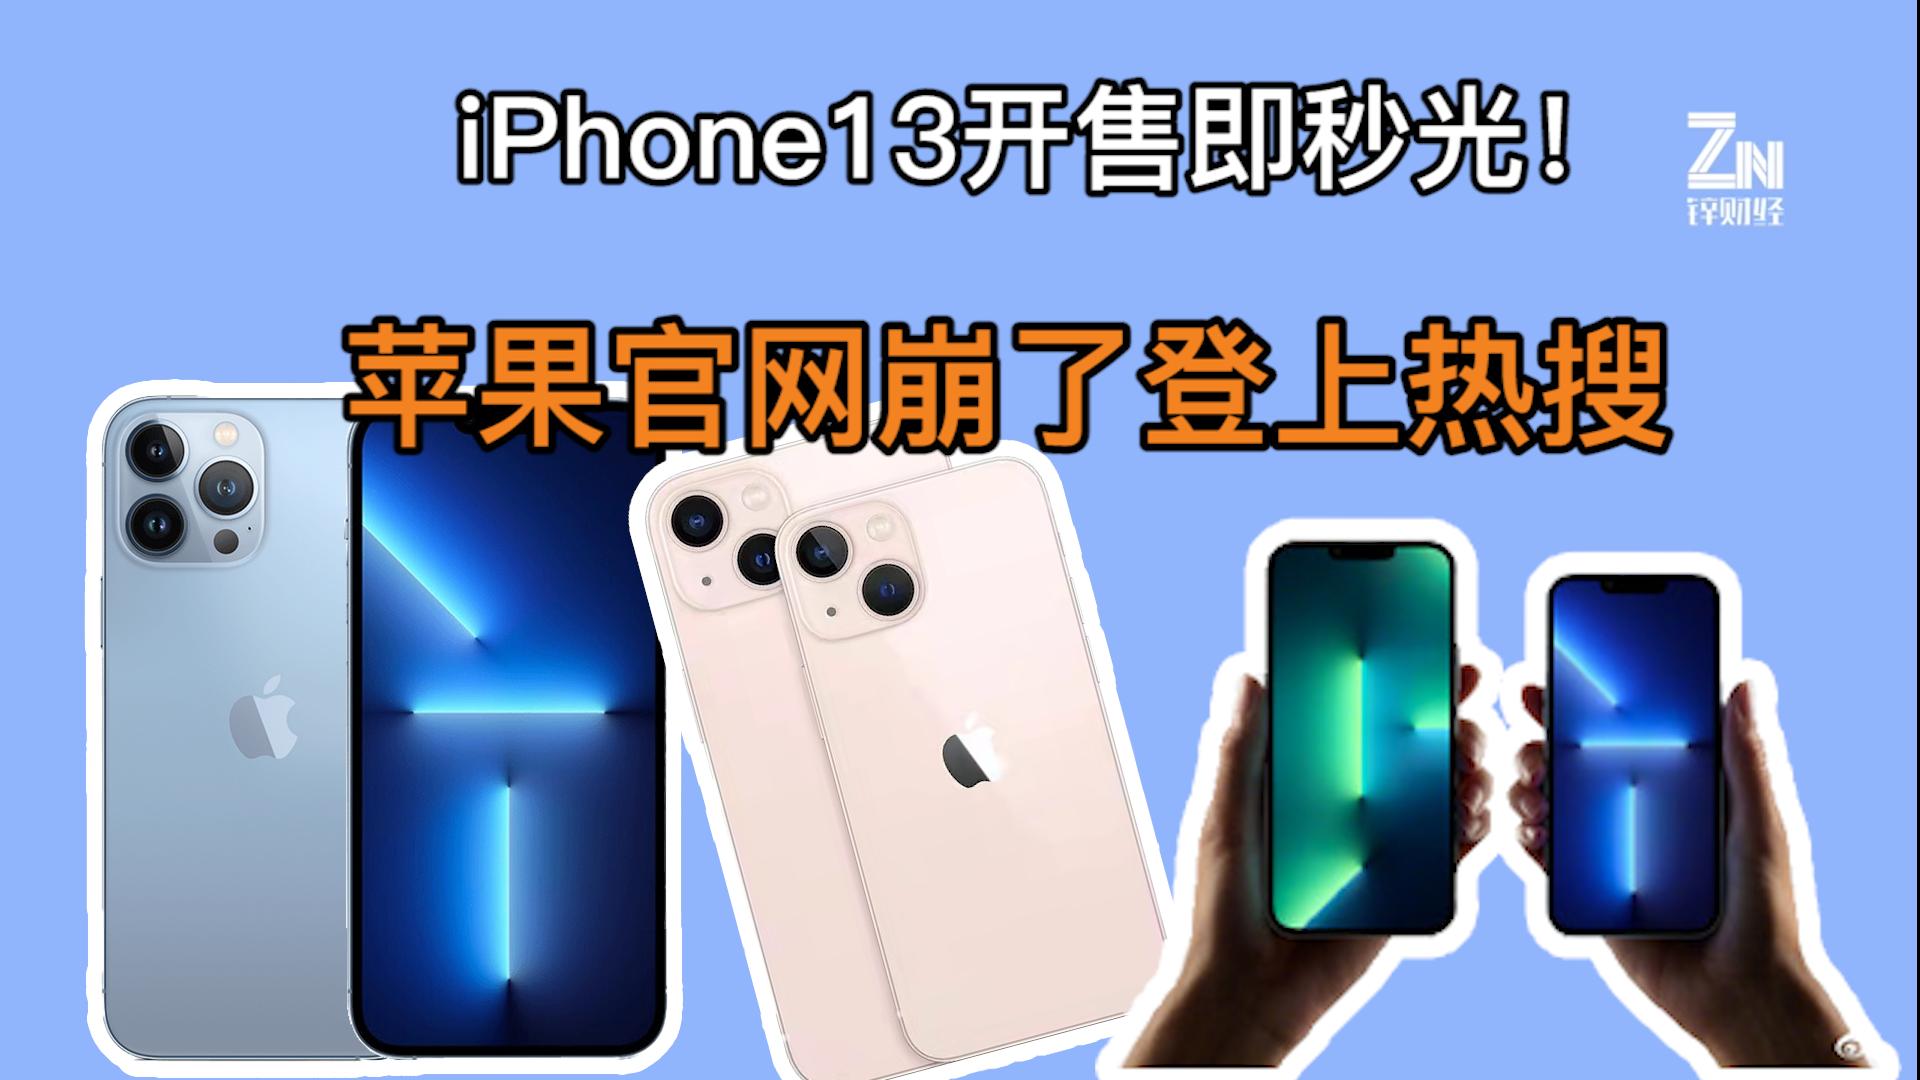 苹果iPhone 13/Pro系列摄像头解析:硬件有大升级